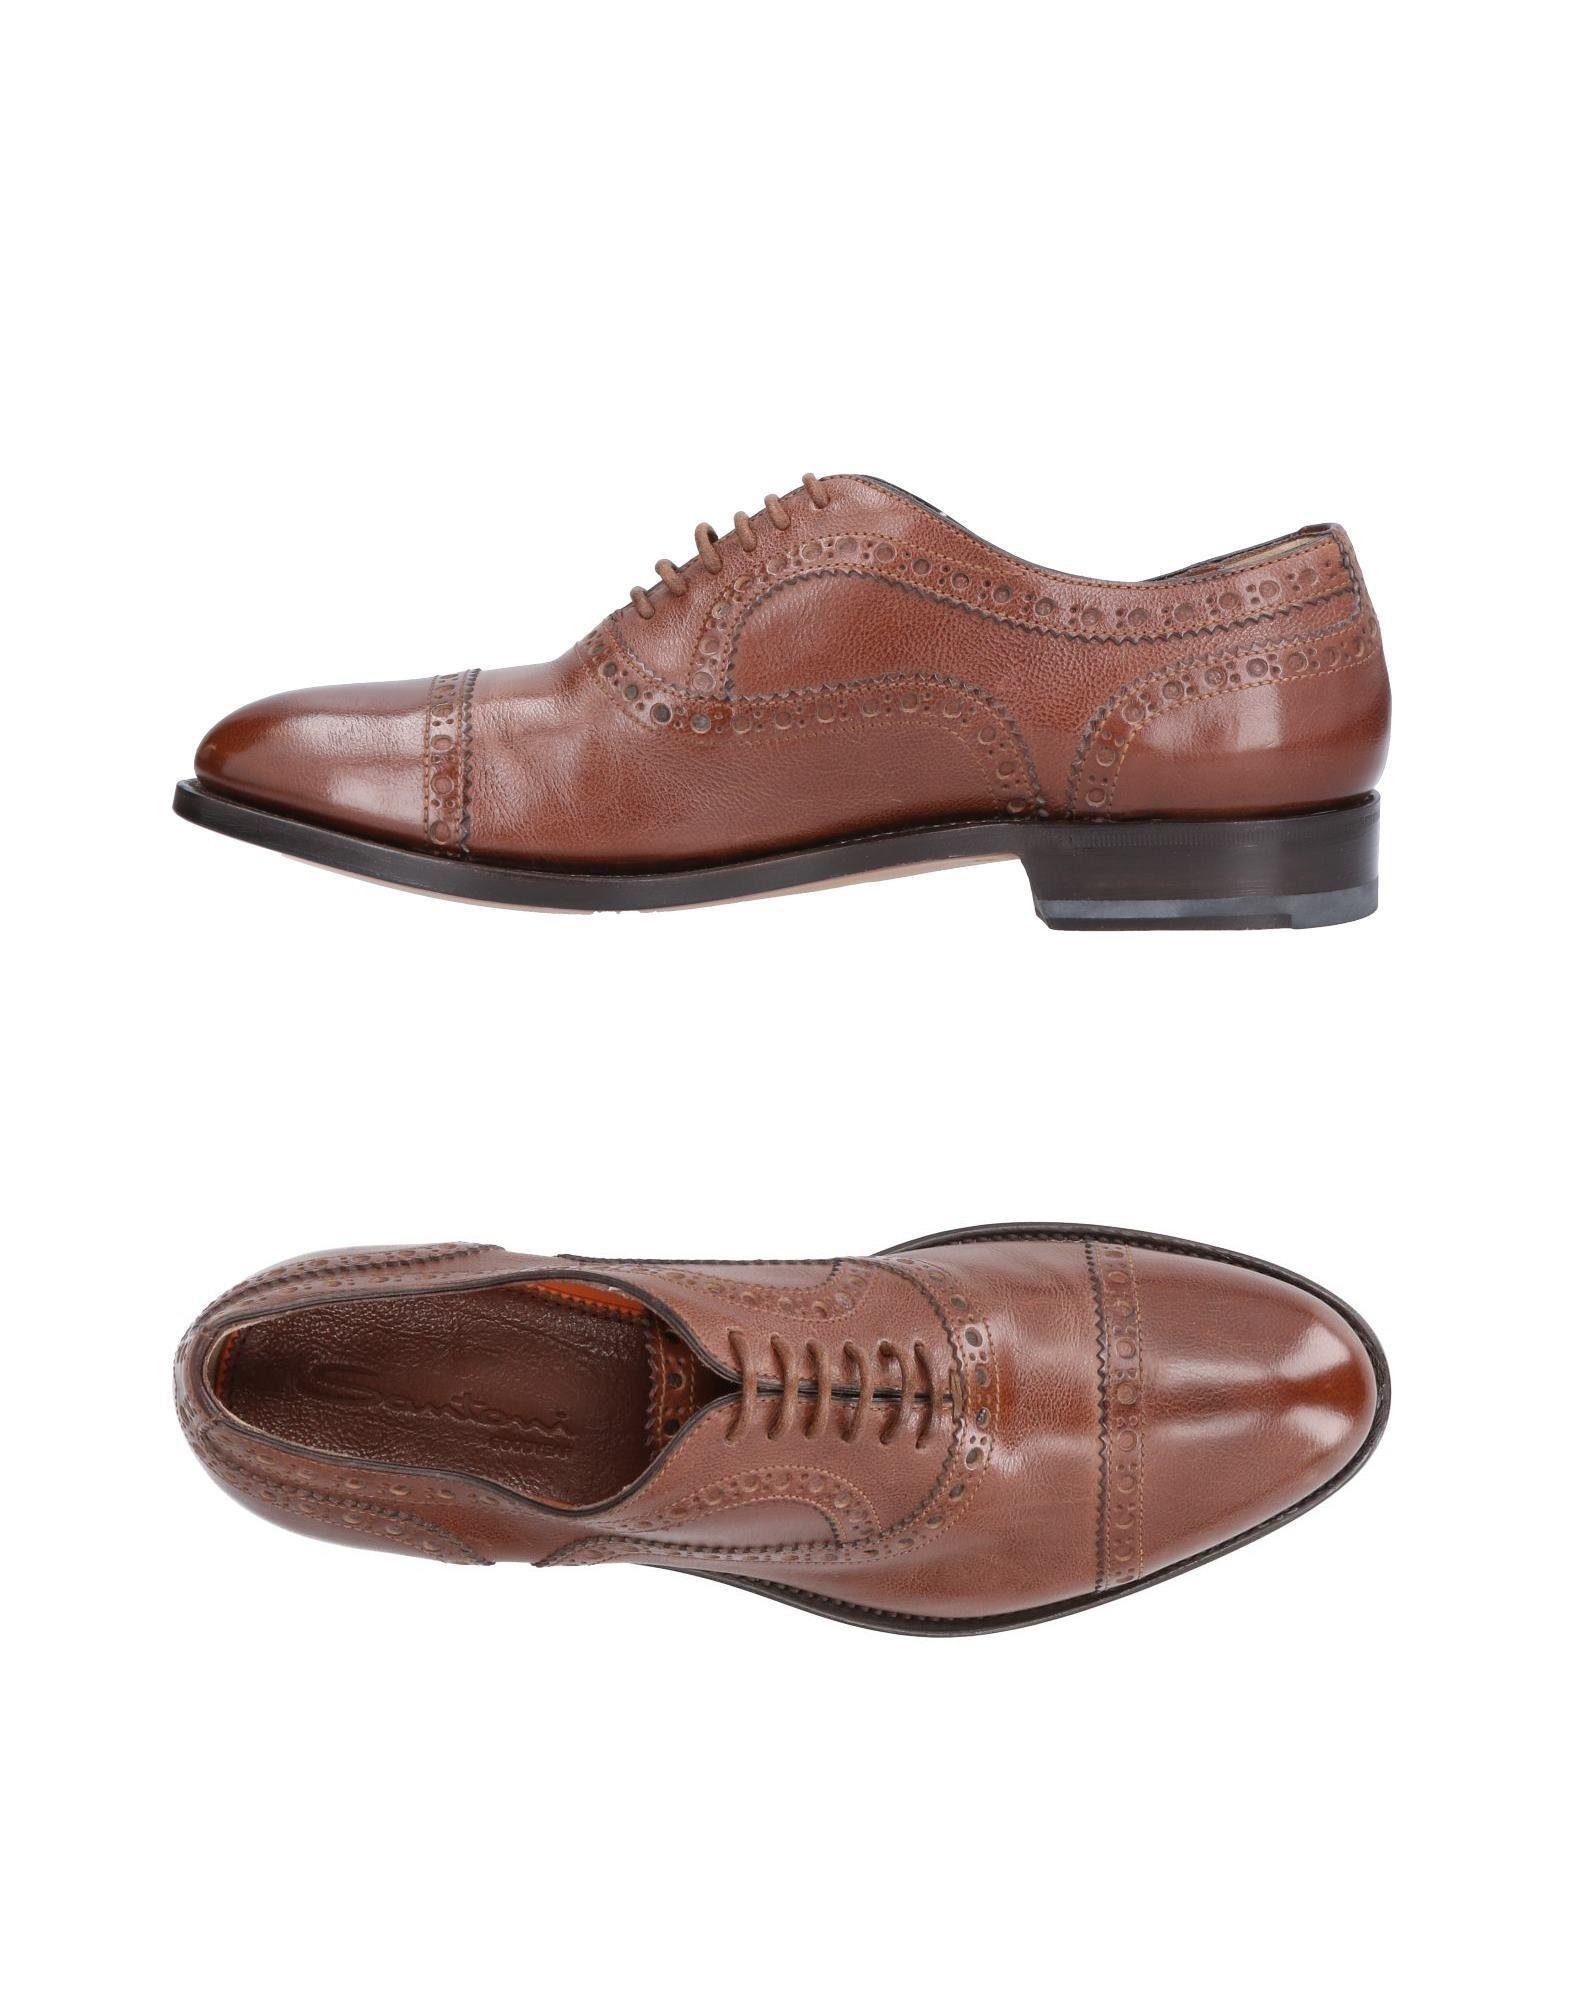 Santoni Schnürschuhe Gute Herren  11486976LC Gute Schnürschuhe Qualität beliebte Schuhe b91218